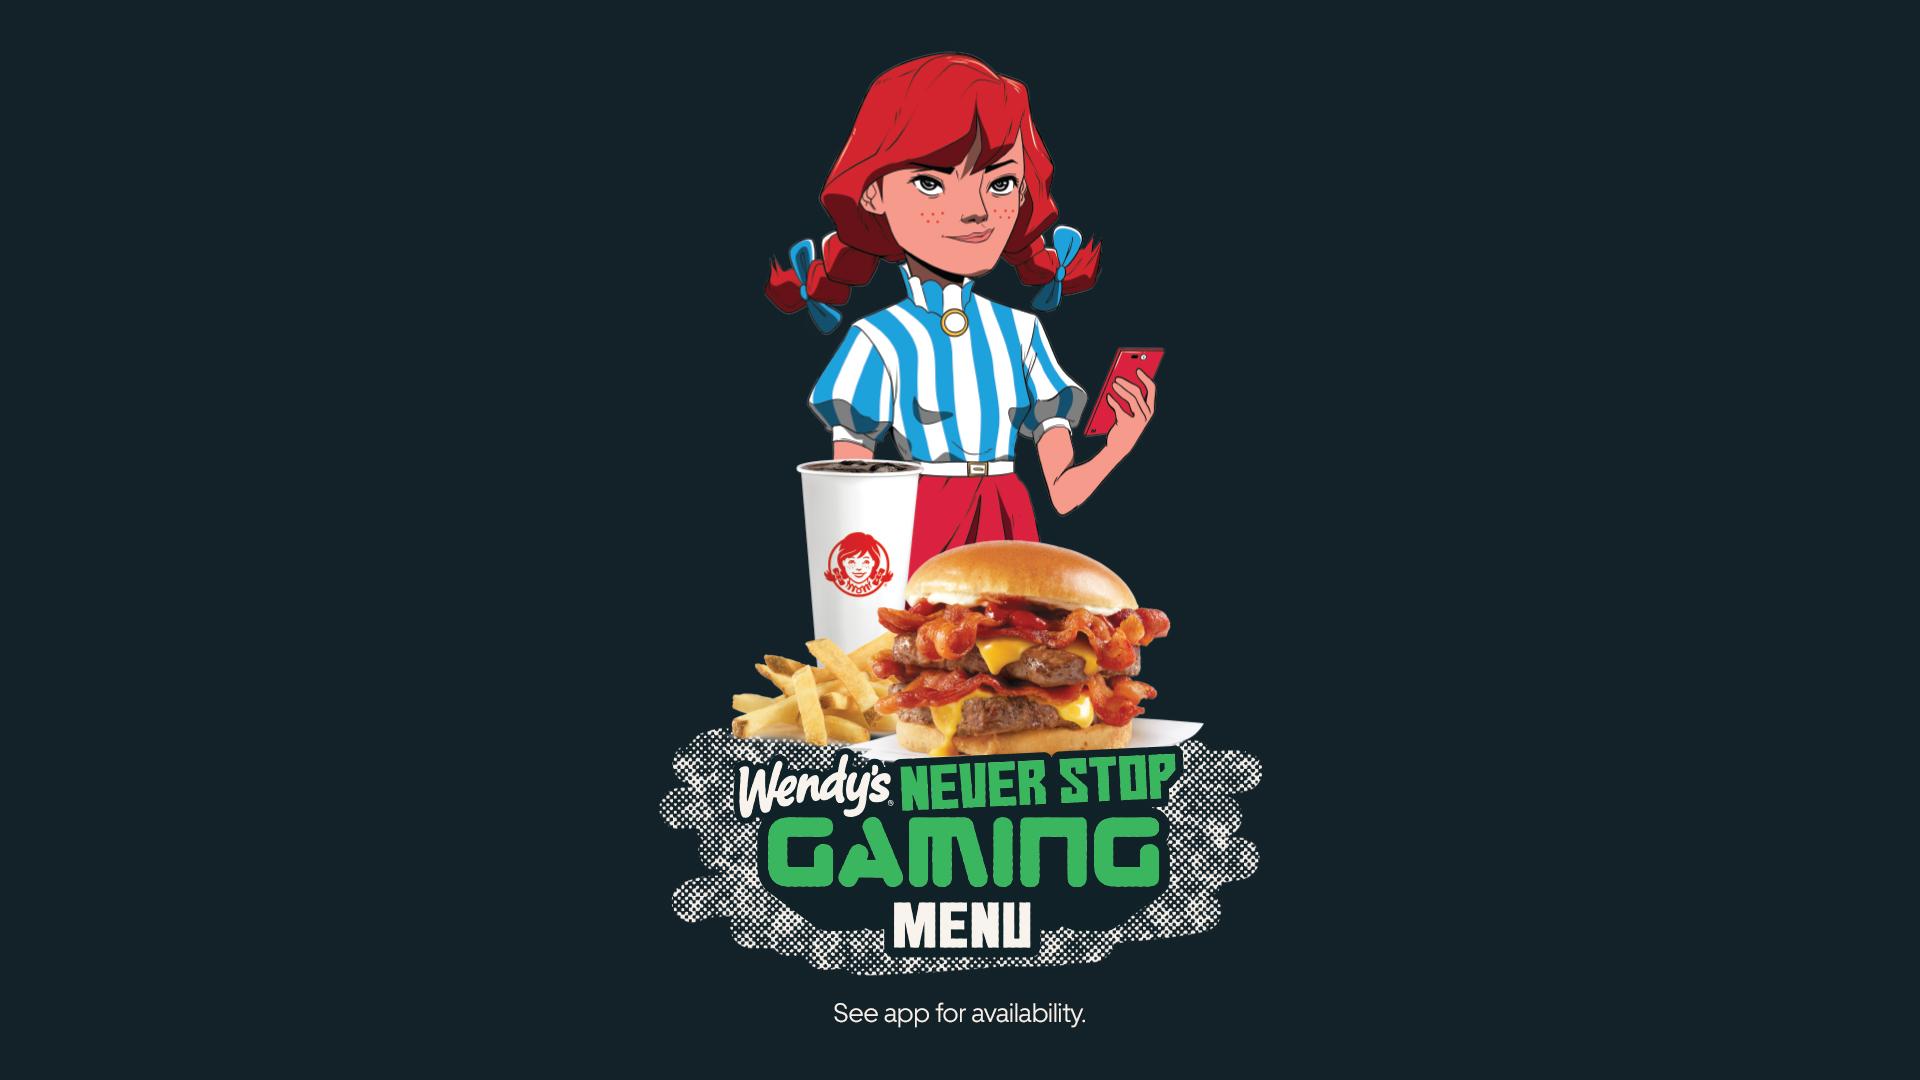 Streamer Wendy illustration